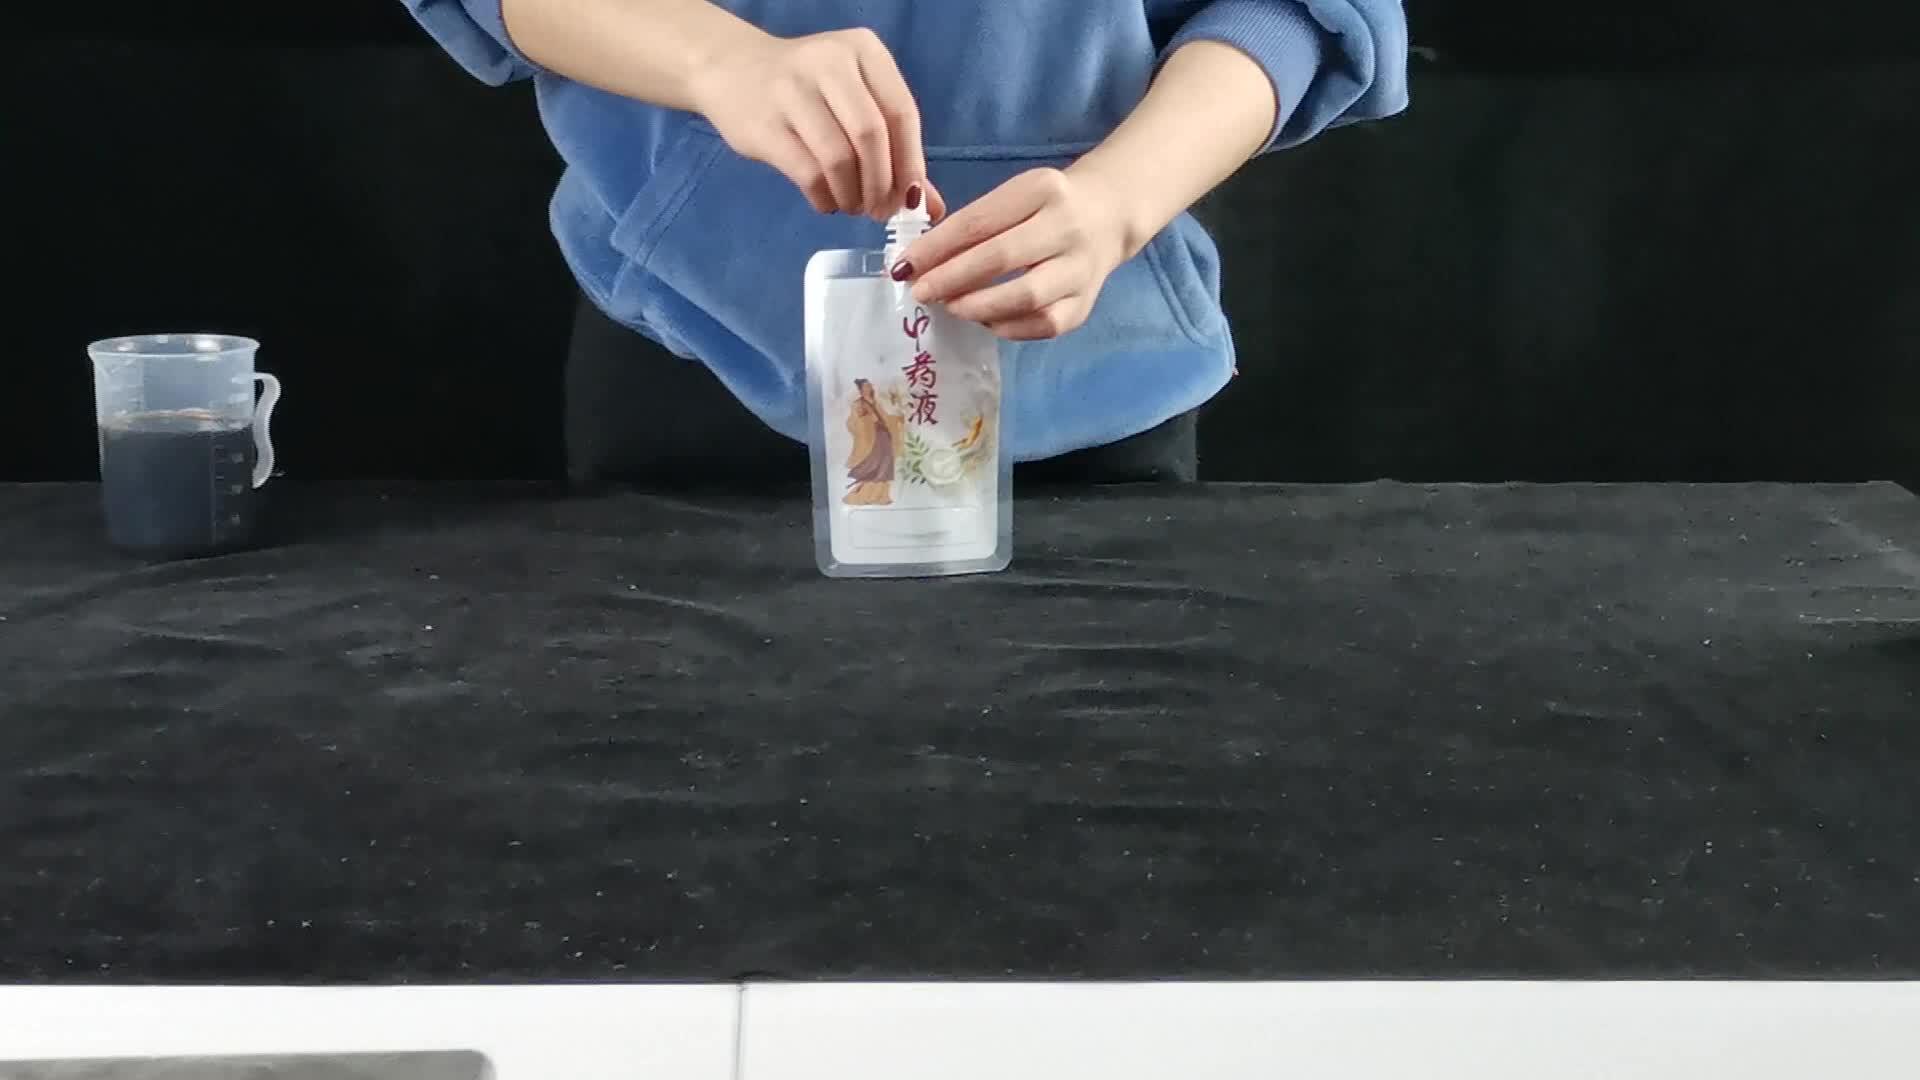 Жидкость встать носик мешок пластиковый питьевой воды мешок/многоразовые пиво упаковка носик мешок